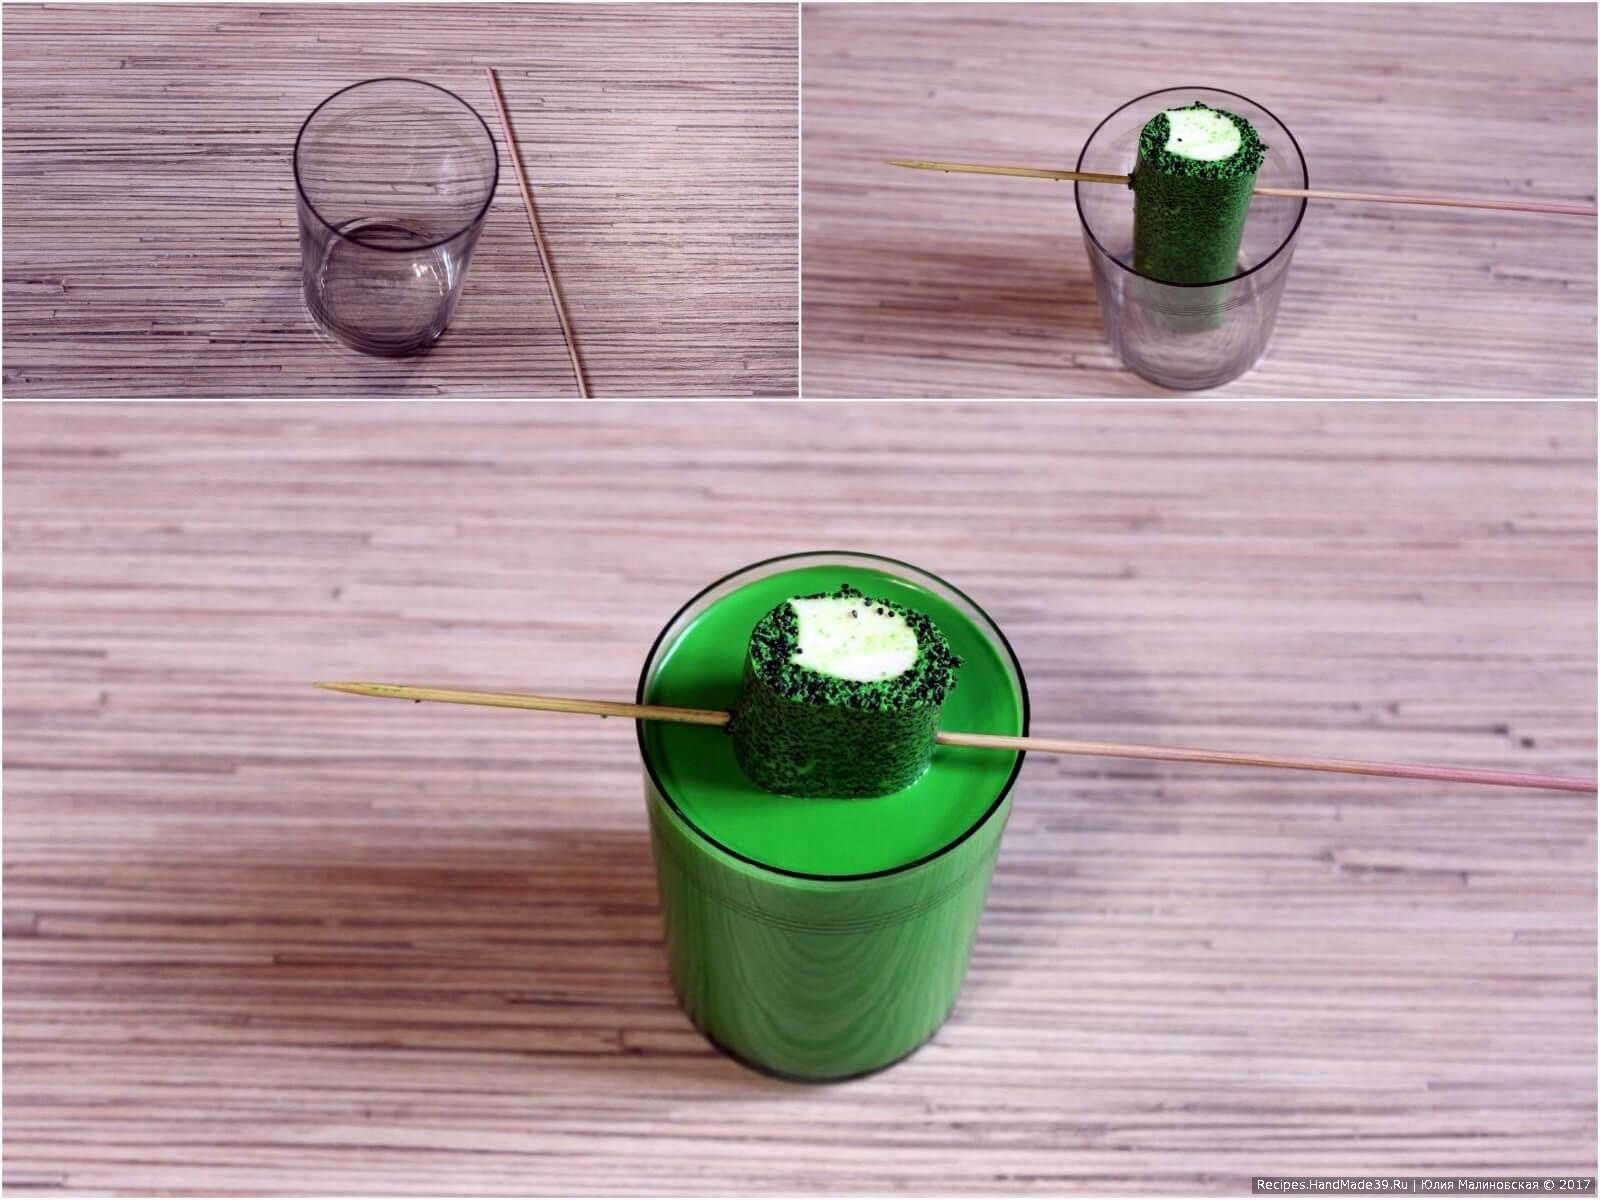 Приготовить 250-граммовый стакан и шпажку. Из плёнки извлечь серединку, вставить в центр стакана, зафиксировать её шпажкой. Залить остальным зелёным желе.